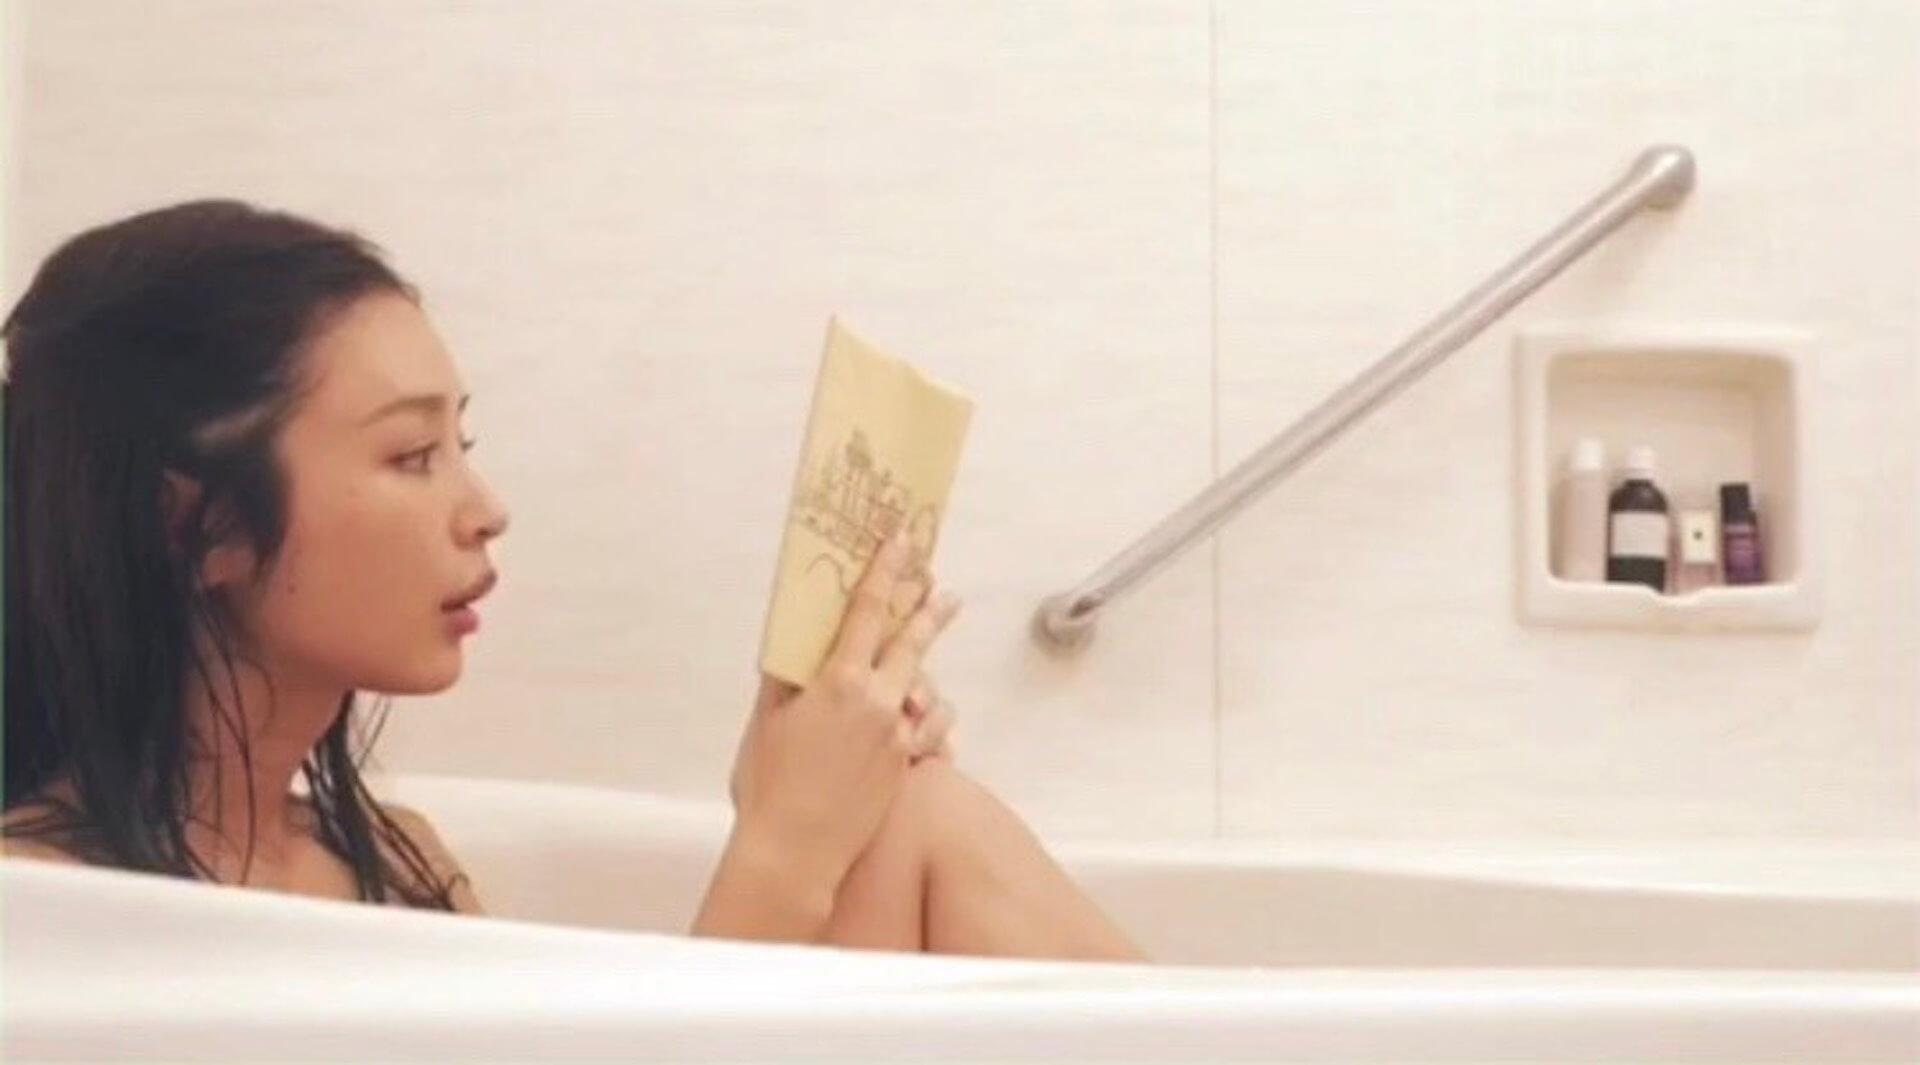 健康美あふれる加治ひとみが自宅のお風呂でのセクシーすぎる映像を解禁! art200420_kajihitomi_3